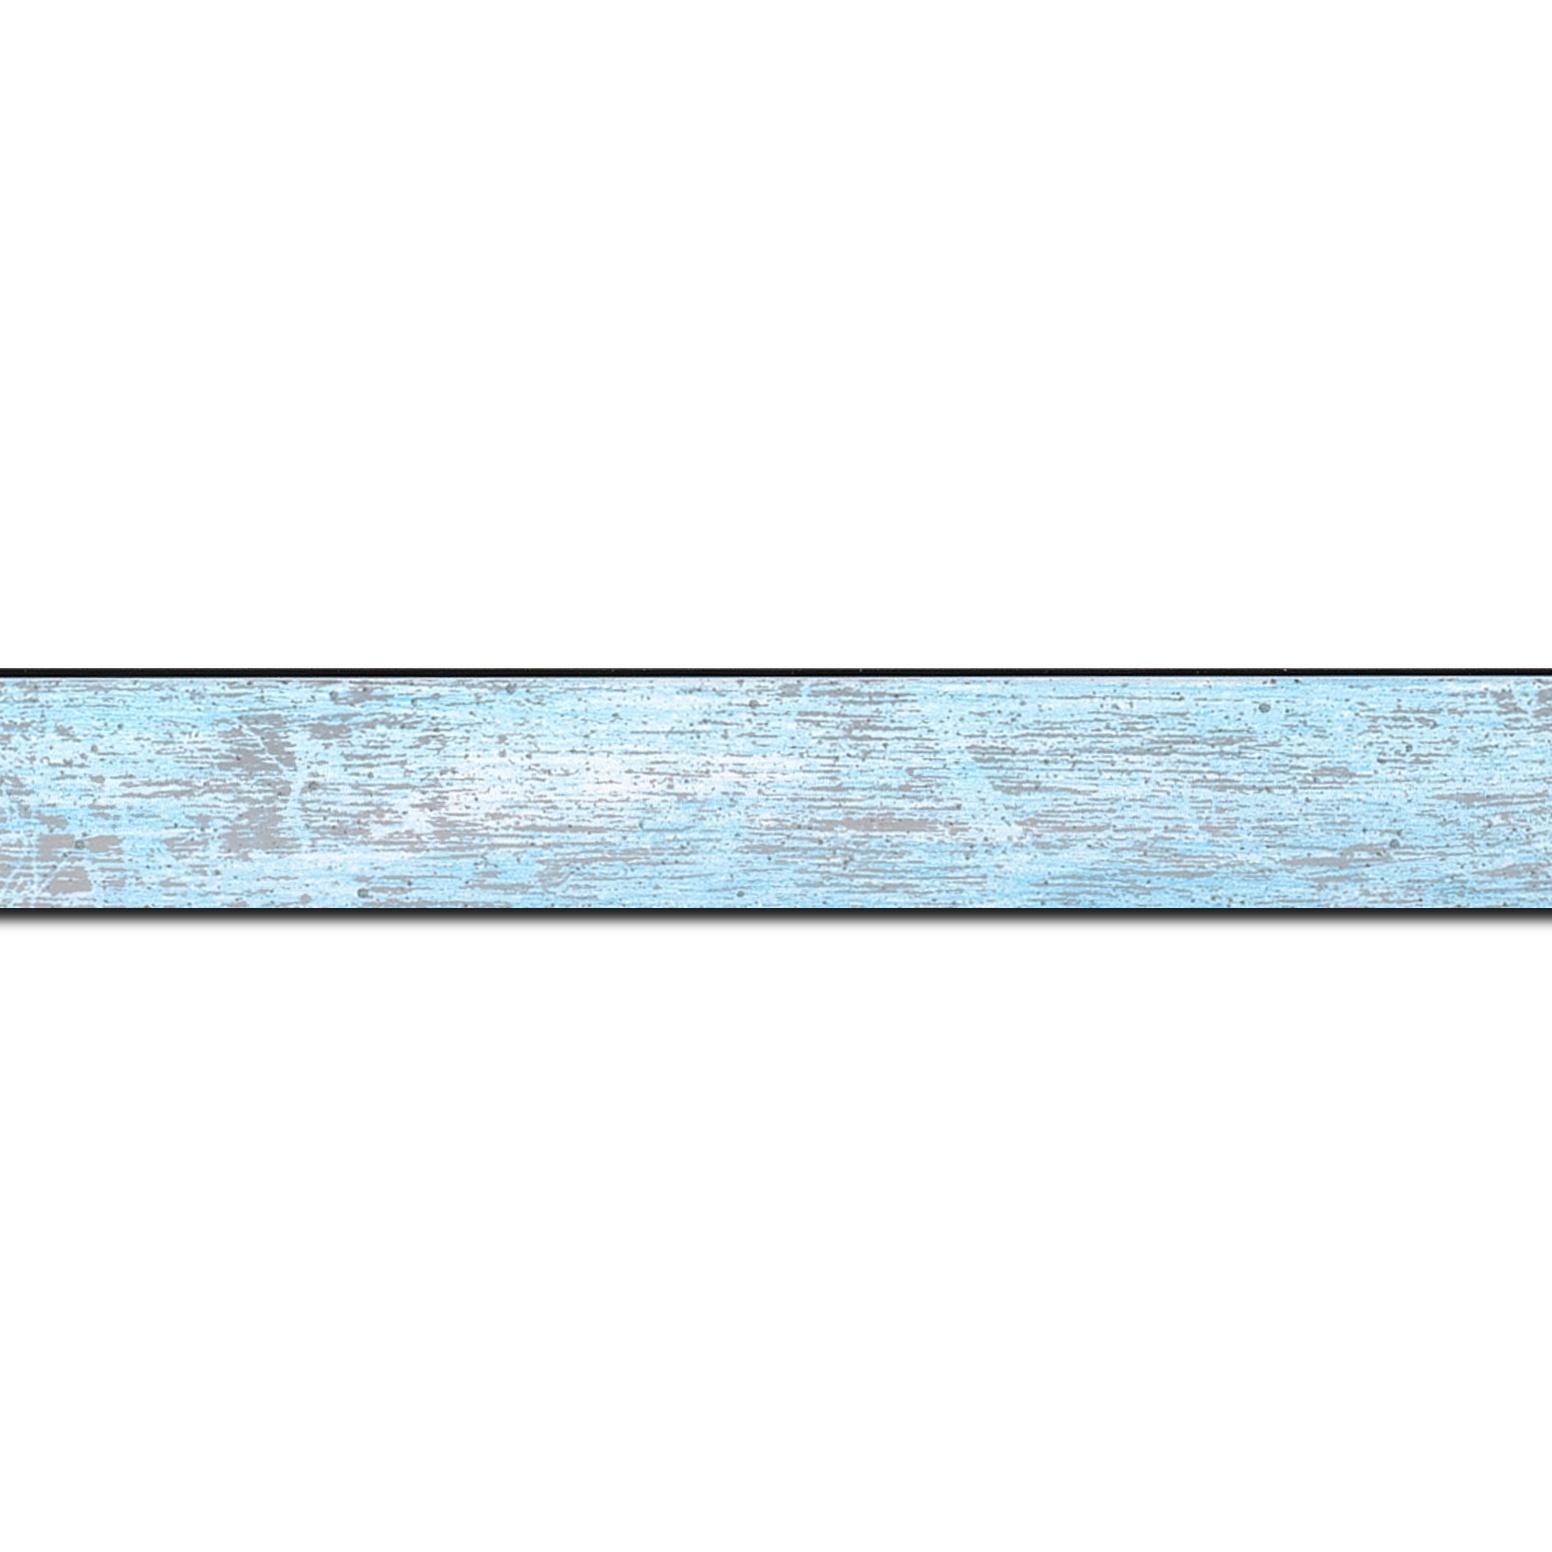 Pack par 12m, bois profil concave largeur 2.4cm de couleur bleu pale fond argent (longueur baguette pouvant varier entre 2.40m et 3m selon arrivage des bois)